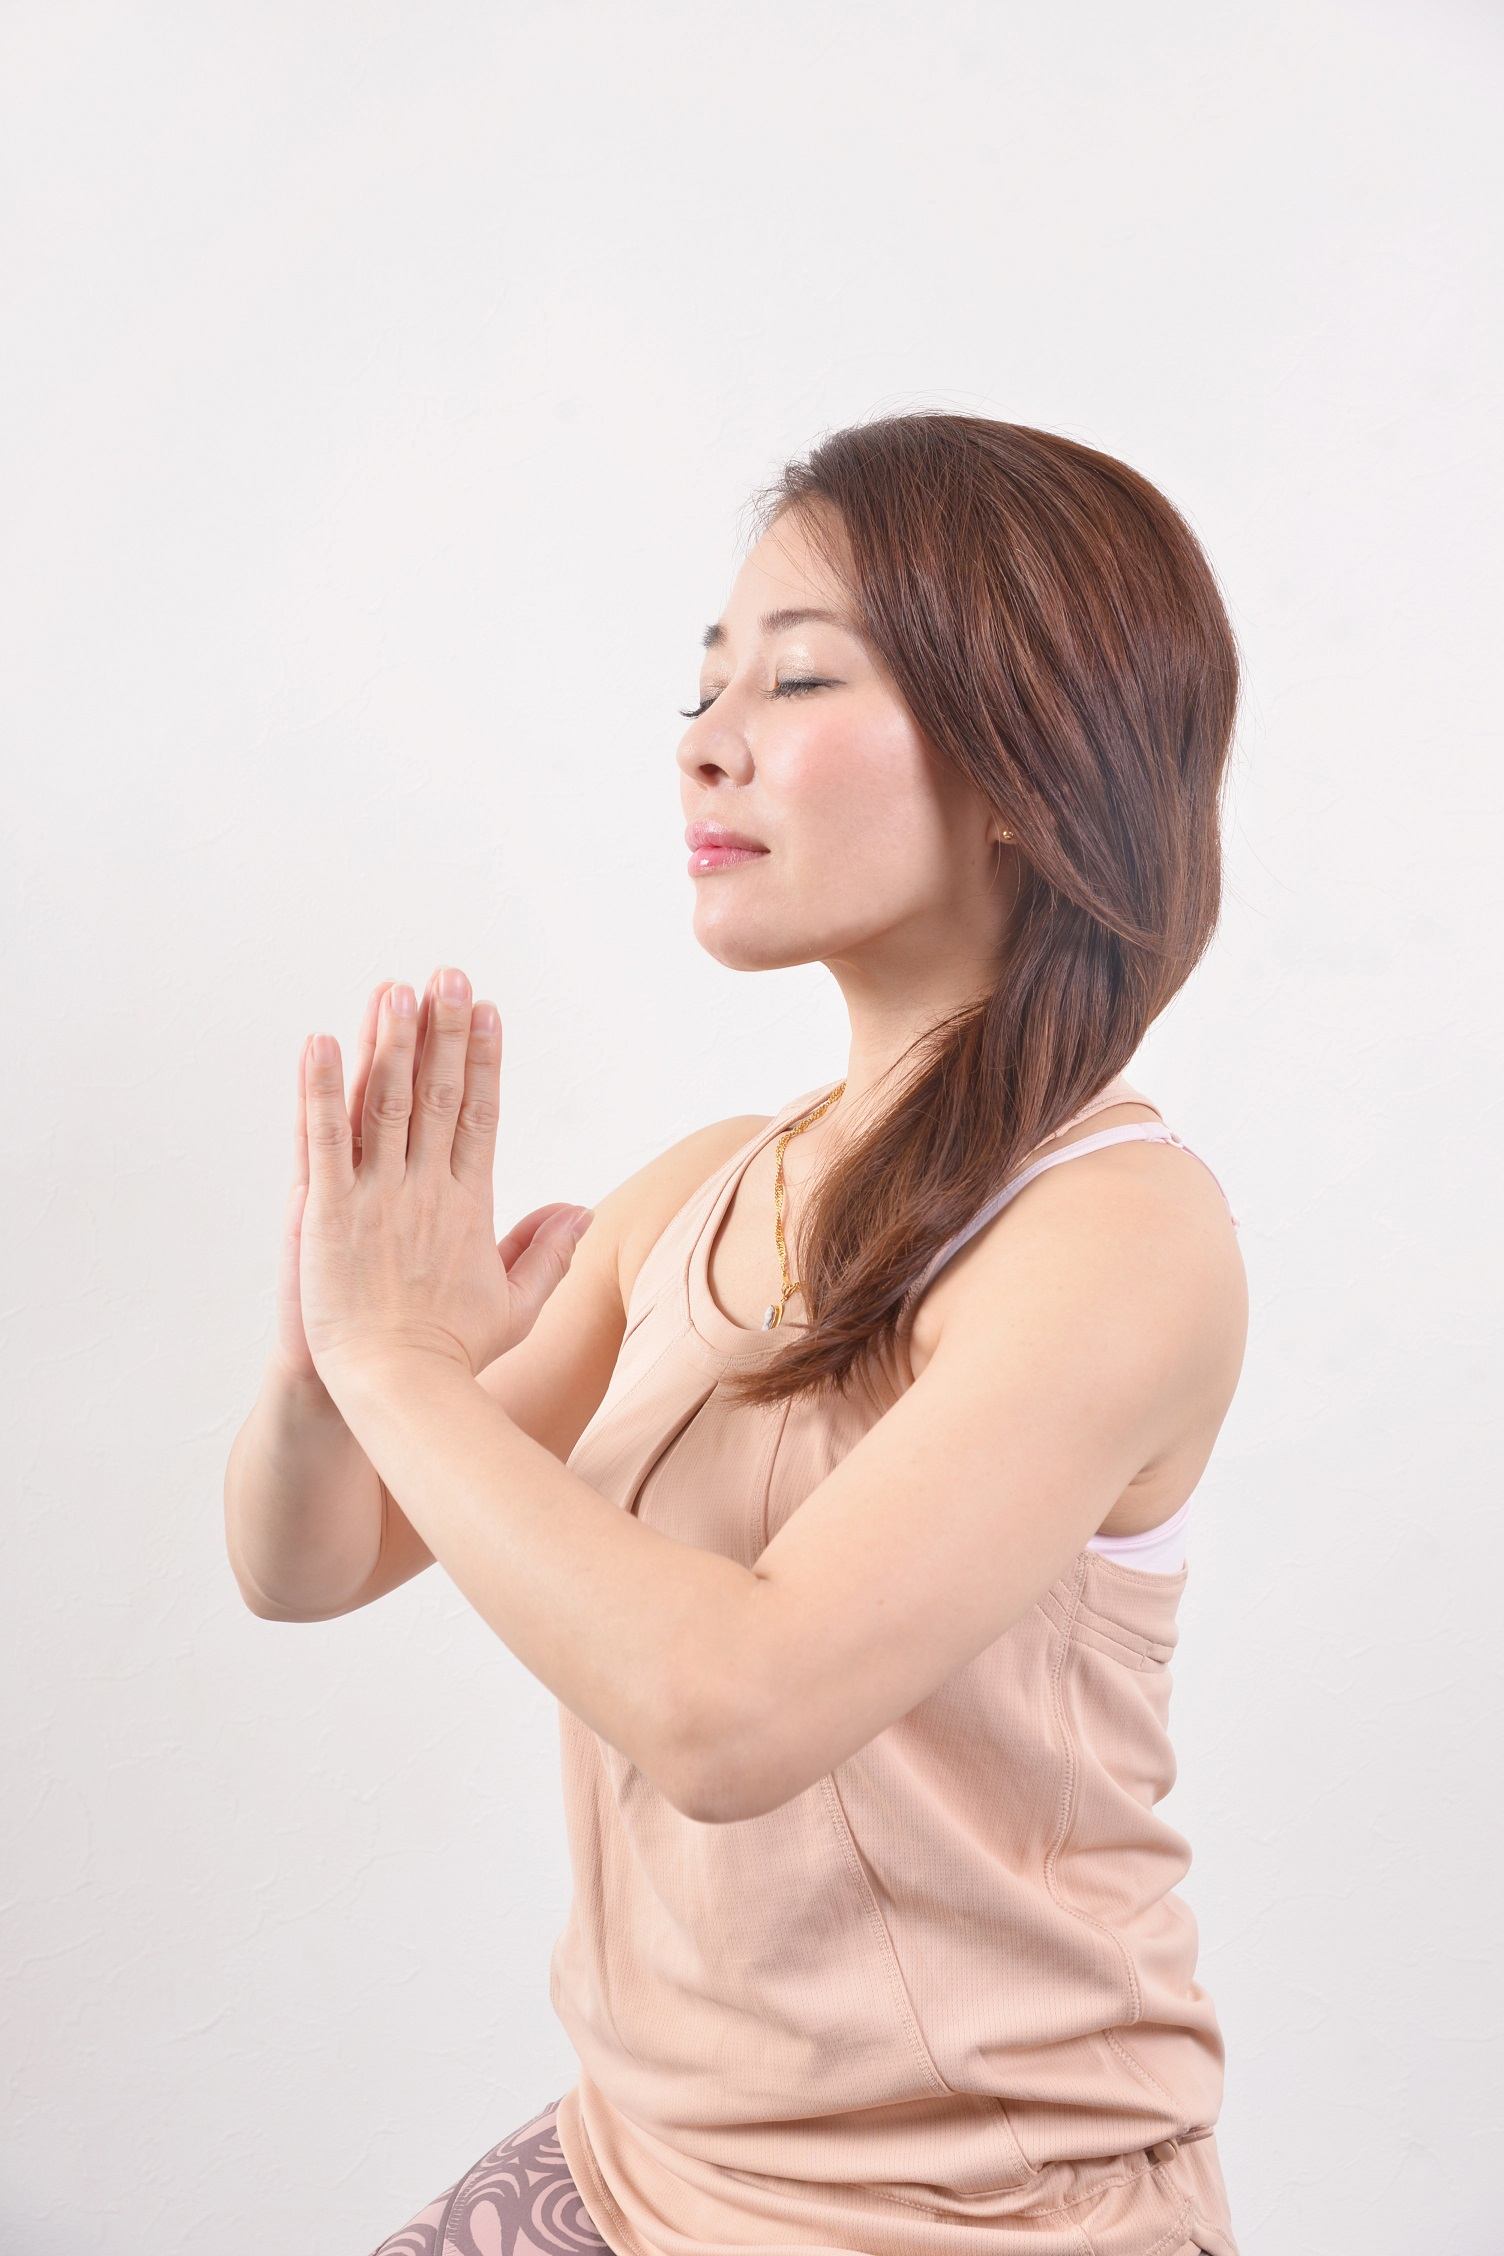 仕えなさい。愛しなさい。与えなさい。浄化しなさい。瞑想しなさい。悟りなさい。